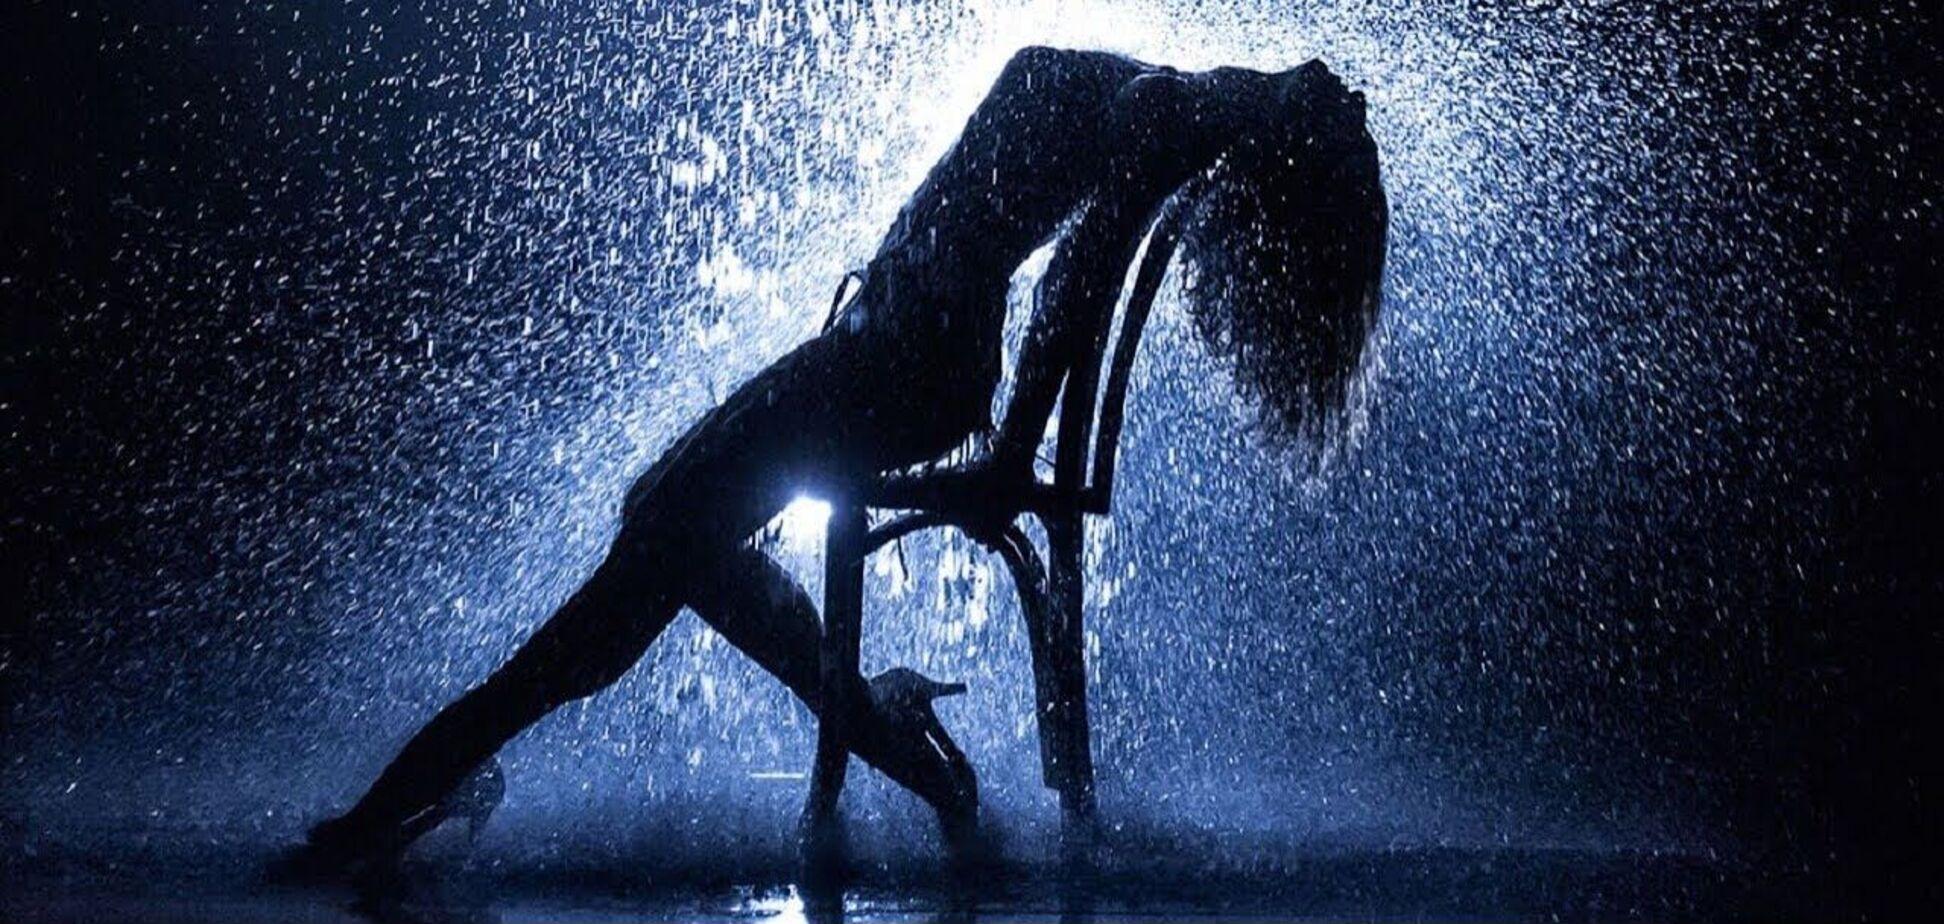 День рождения стриптиза: топ-5 соблазнительных танцев